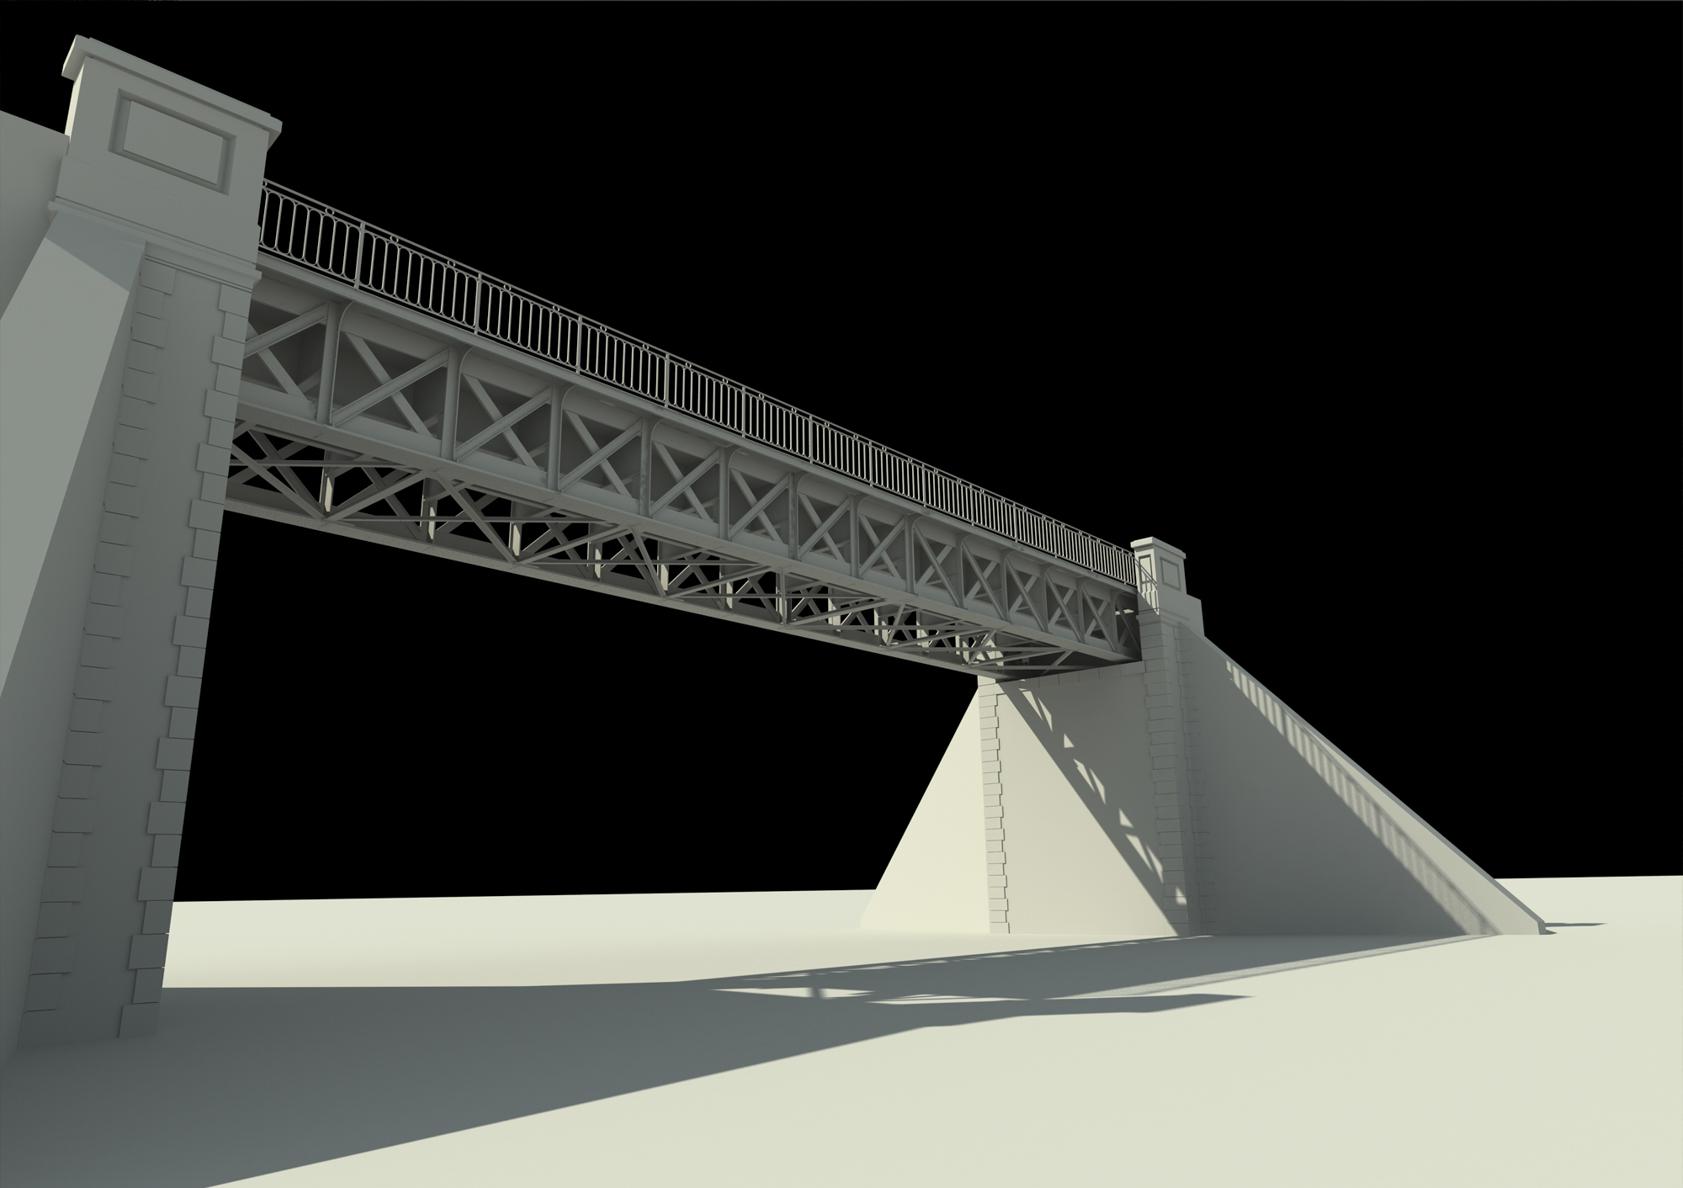 Modélisation 3D ponts - Projet de mise en Lumière à Evreux